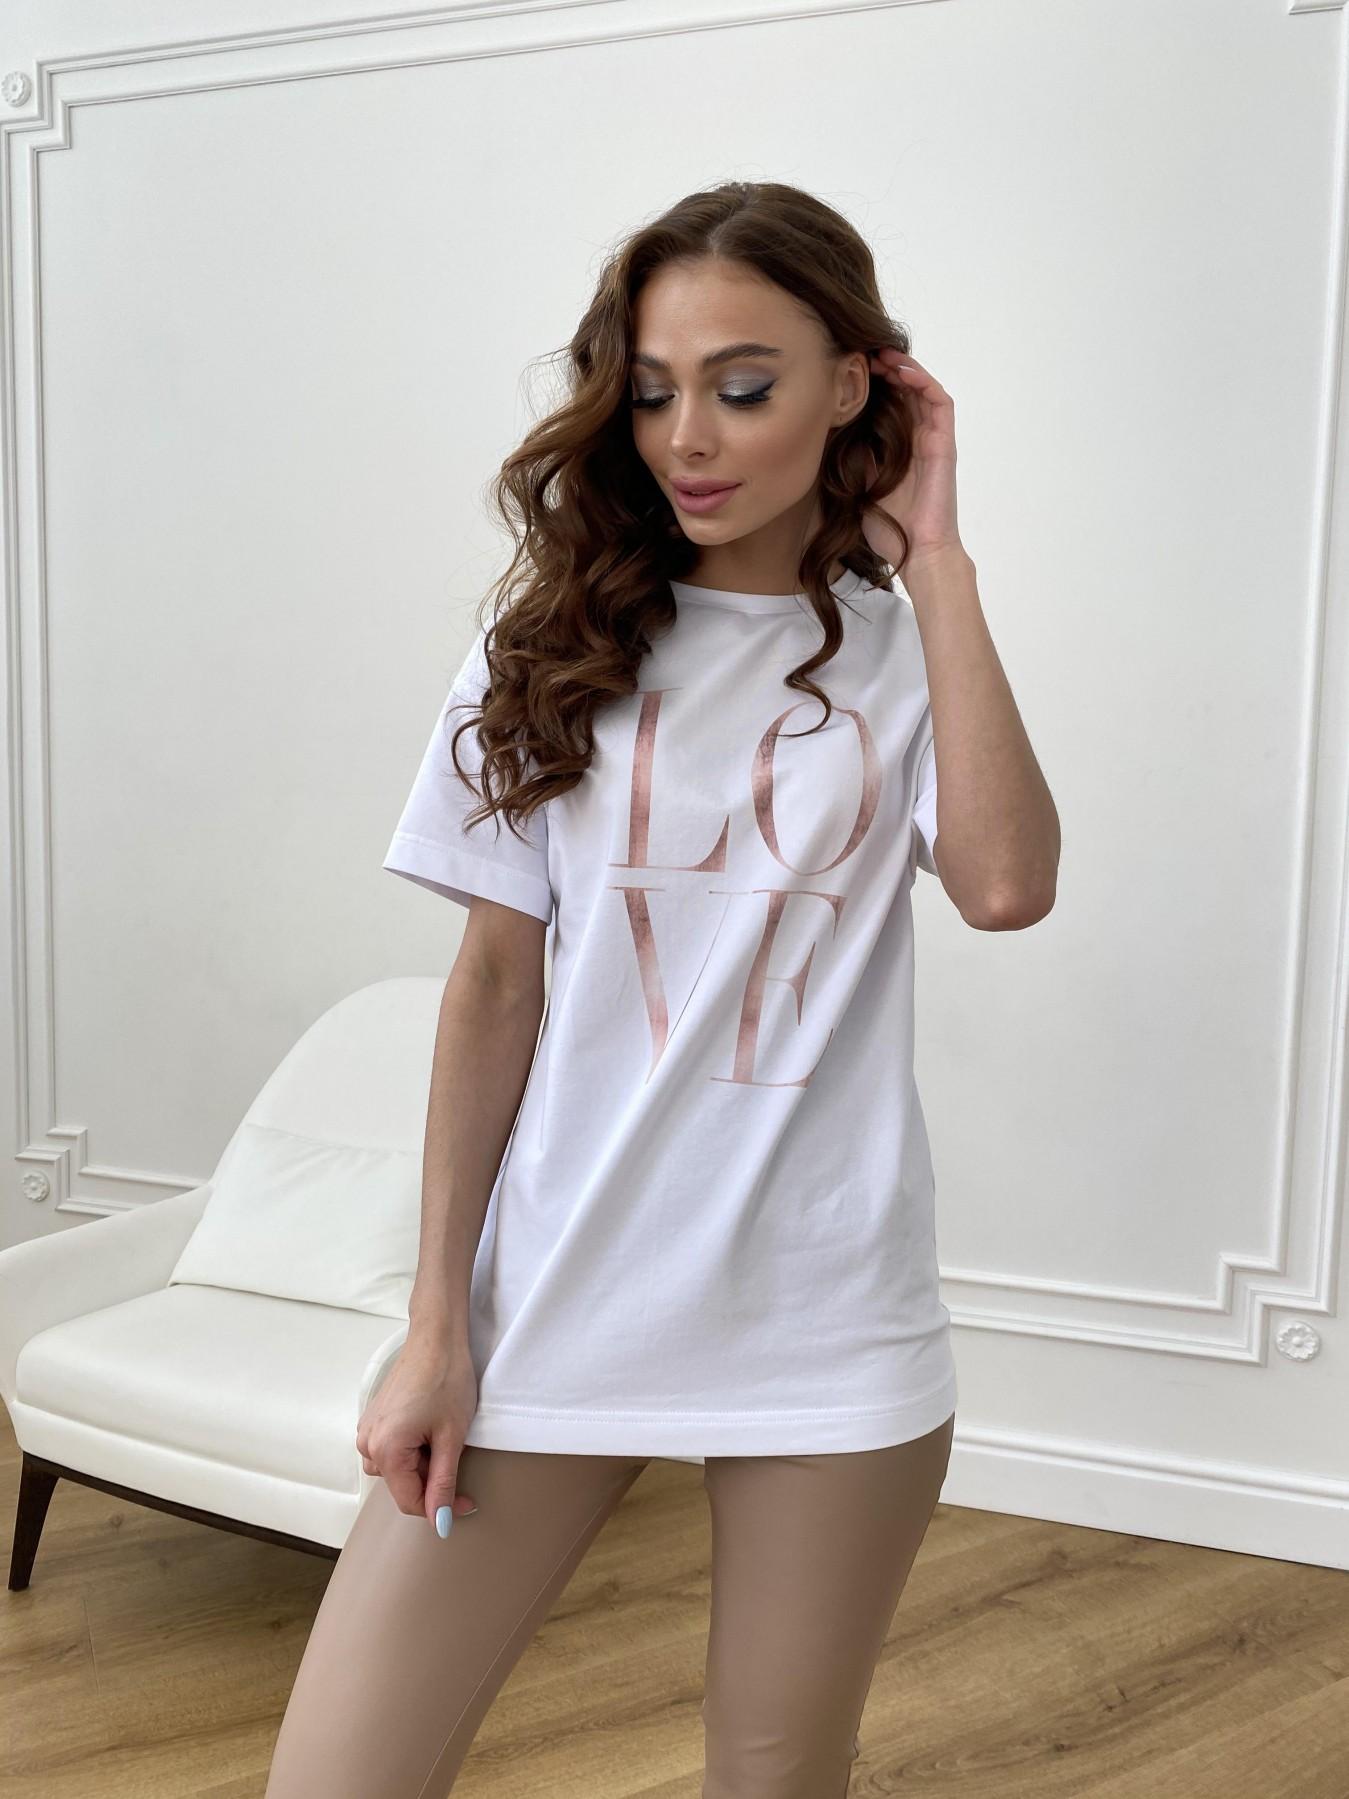 Майки женские купить Украина Лове футболка из вискозы однотонная хлопок 11176